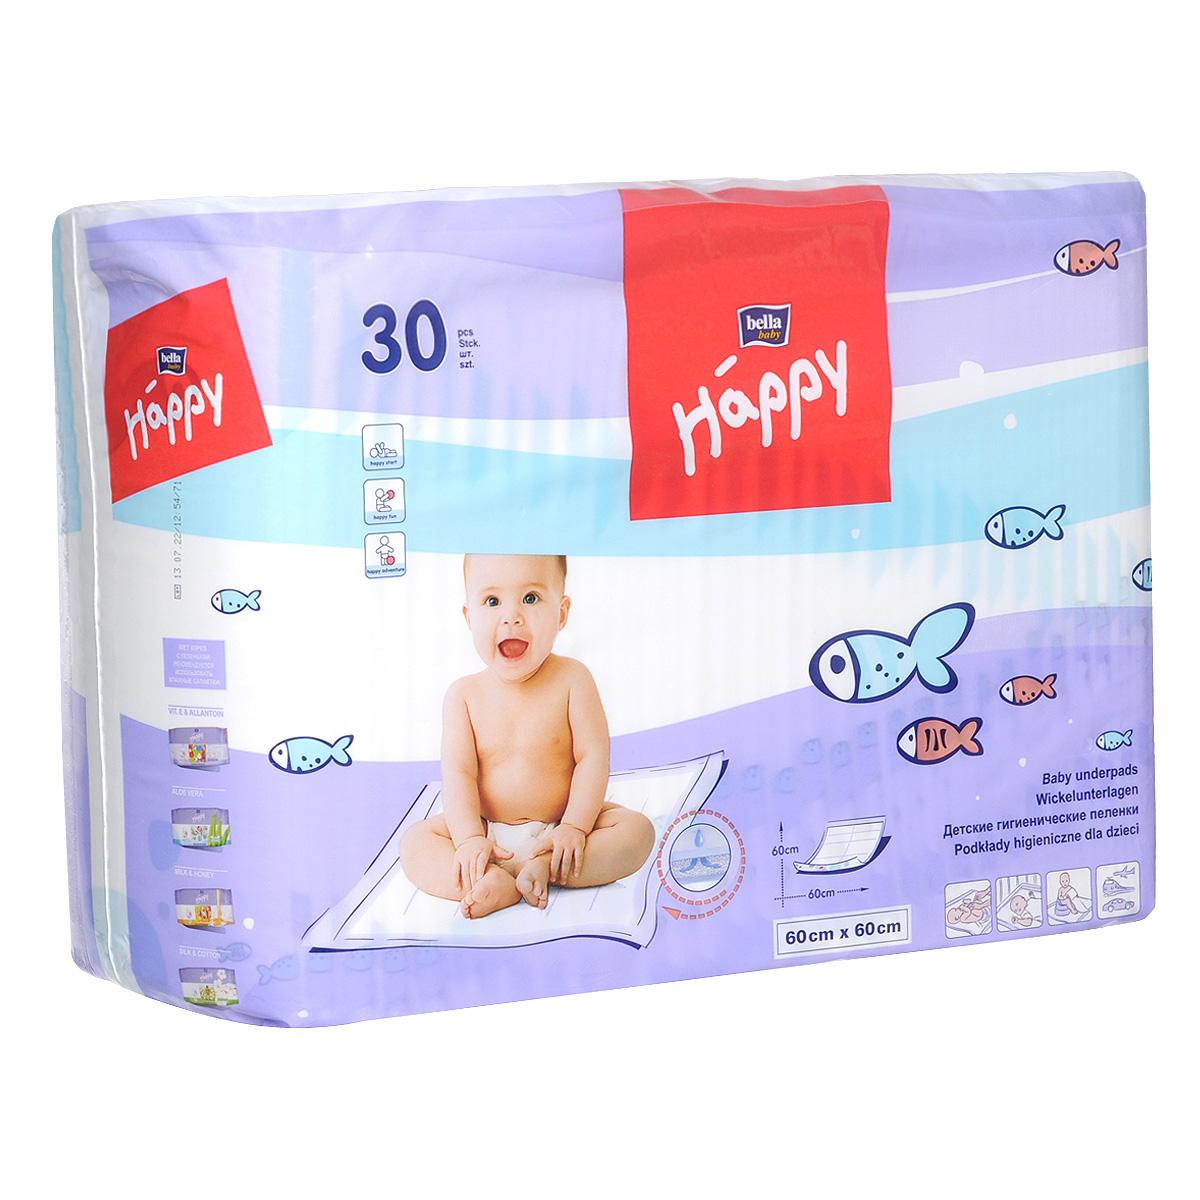 Bella Baby Happy Пеленки гигиенические, детские, 60 см x 60 см, 30 шт влажные салфетки bella baby happy